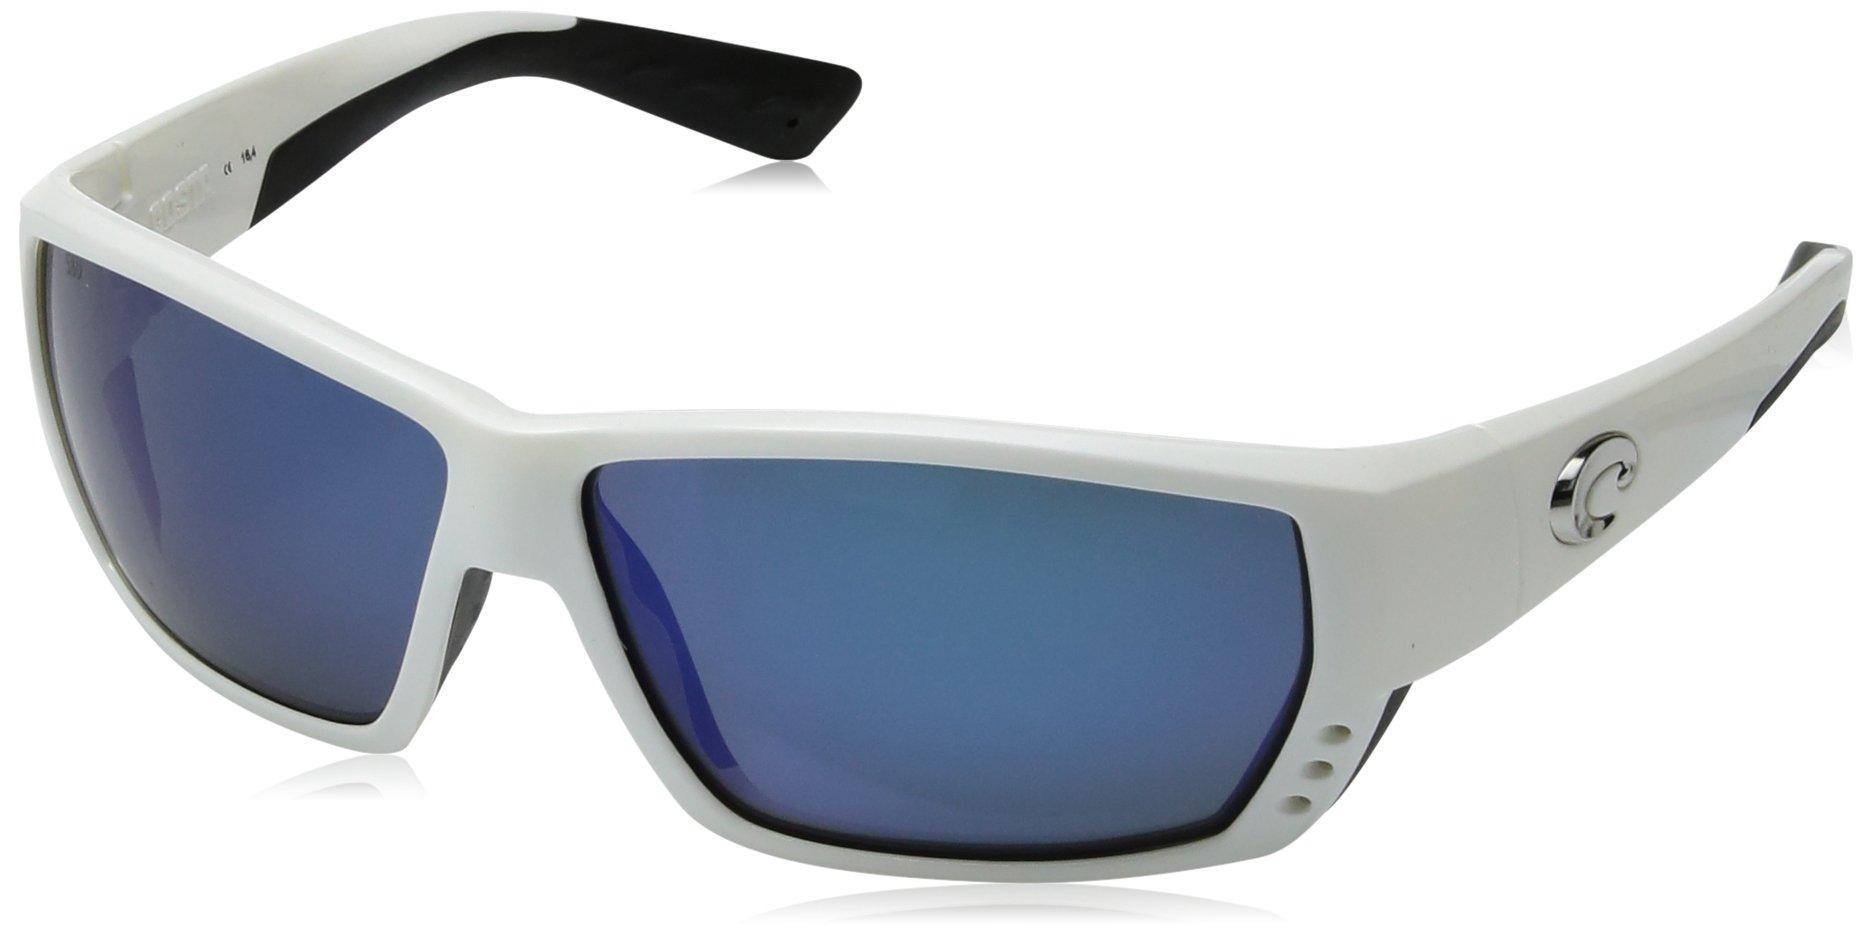 Costa Del Mar Tuna Alley Sunglasses, White, Blue Mirror 580 Plastic Lens